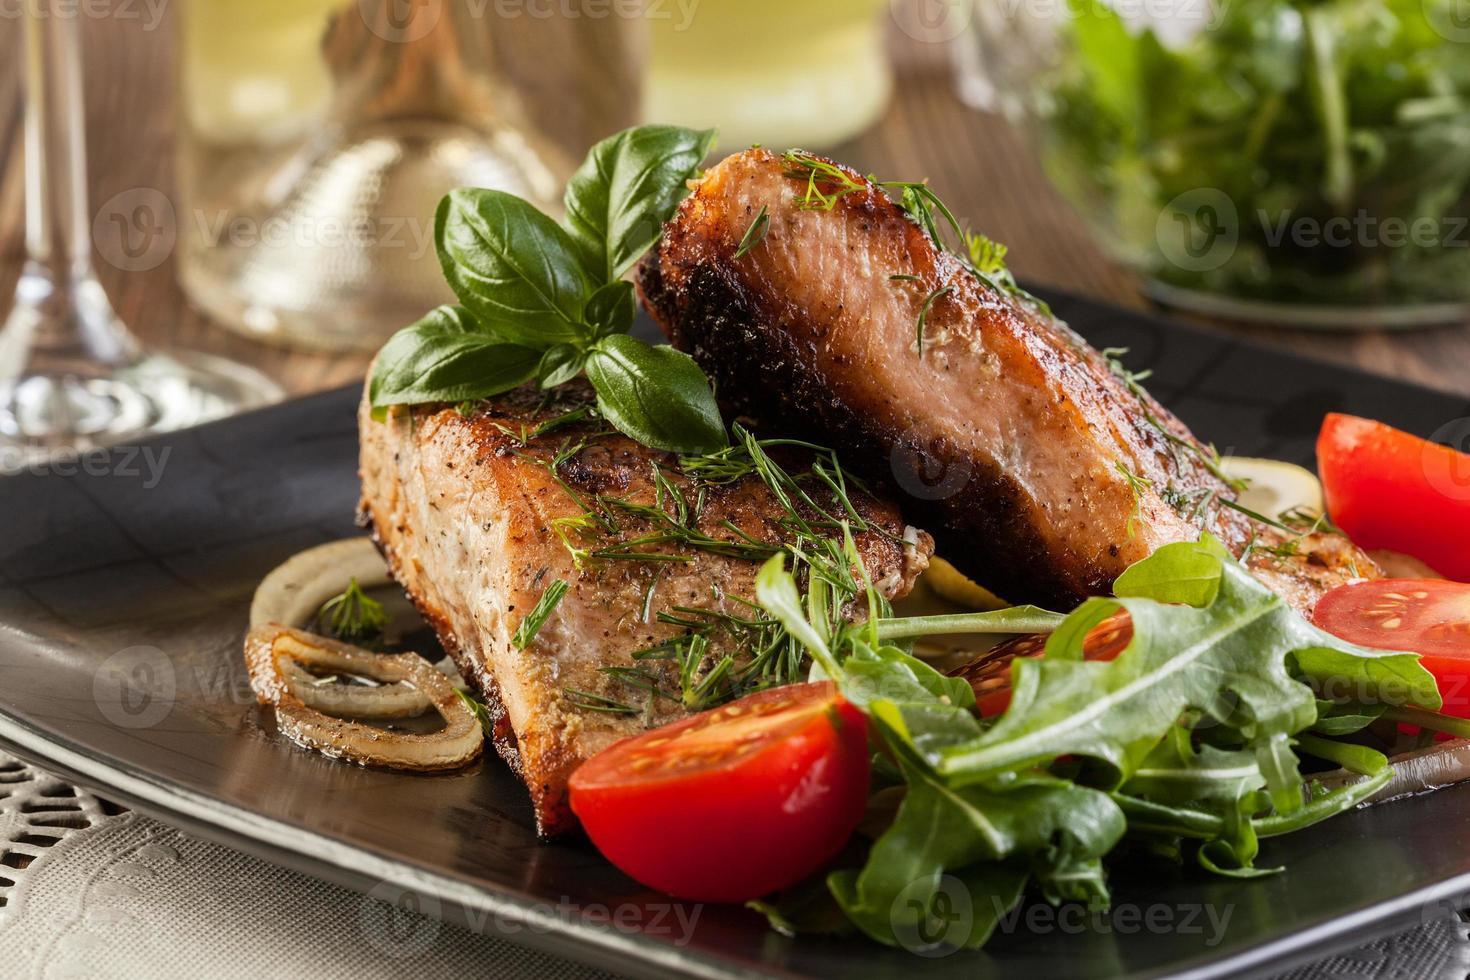 gebakken zalm steak met groenten foto